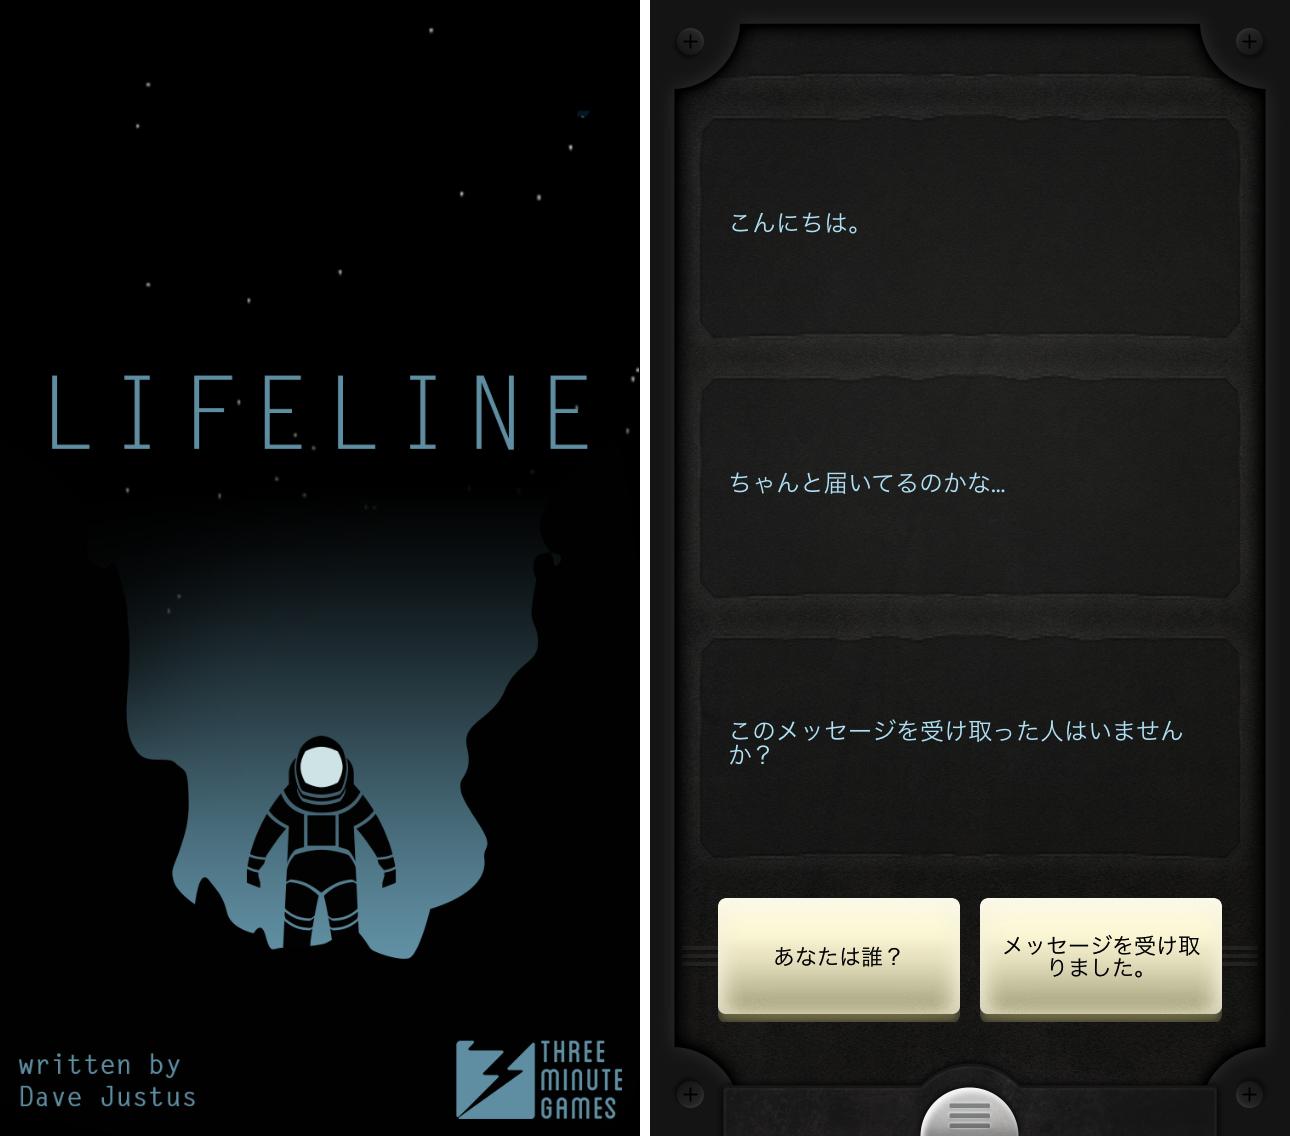 【1月13日のセール】 有料ランキング1位にもなったデジタルアドベンチャー『Lifeline...』通常120円が無料!